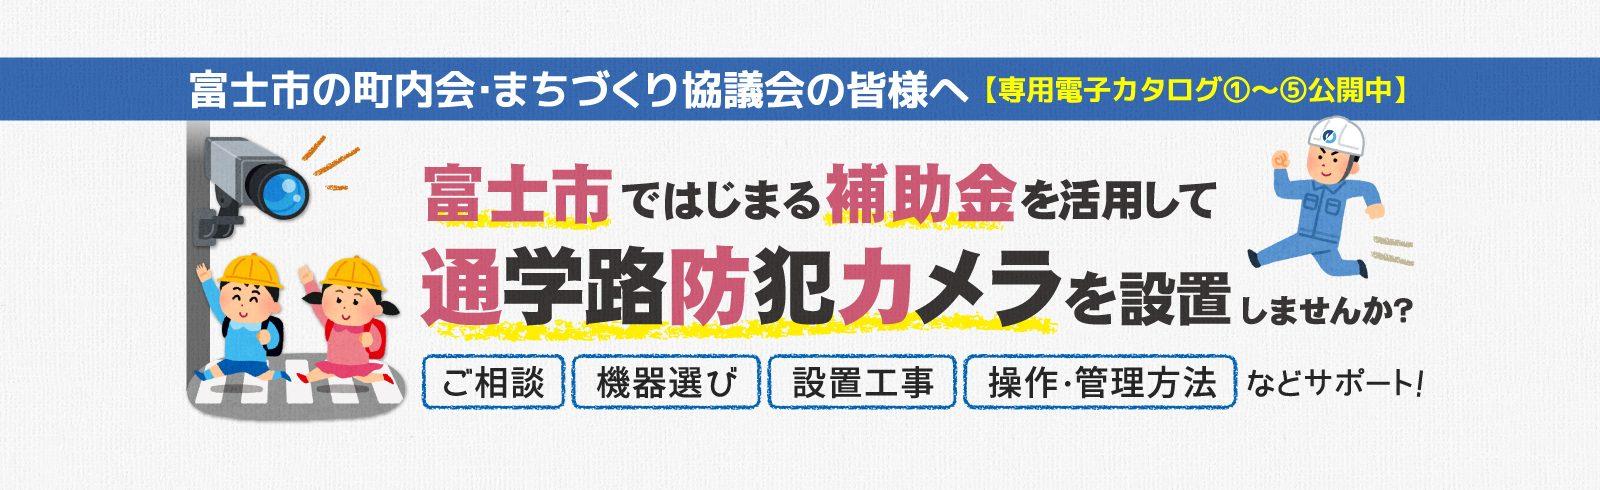 富士市ではじまる補助金を利用して通学路防犯カメラを設置してみませんか